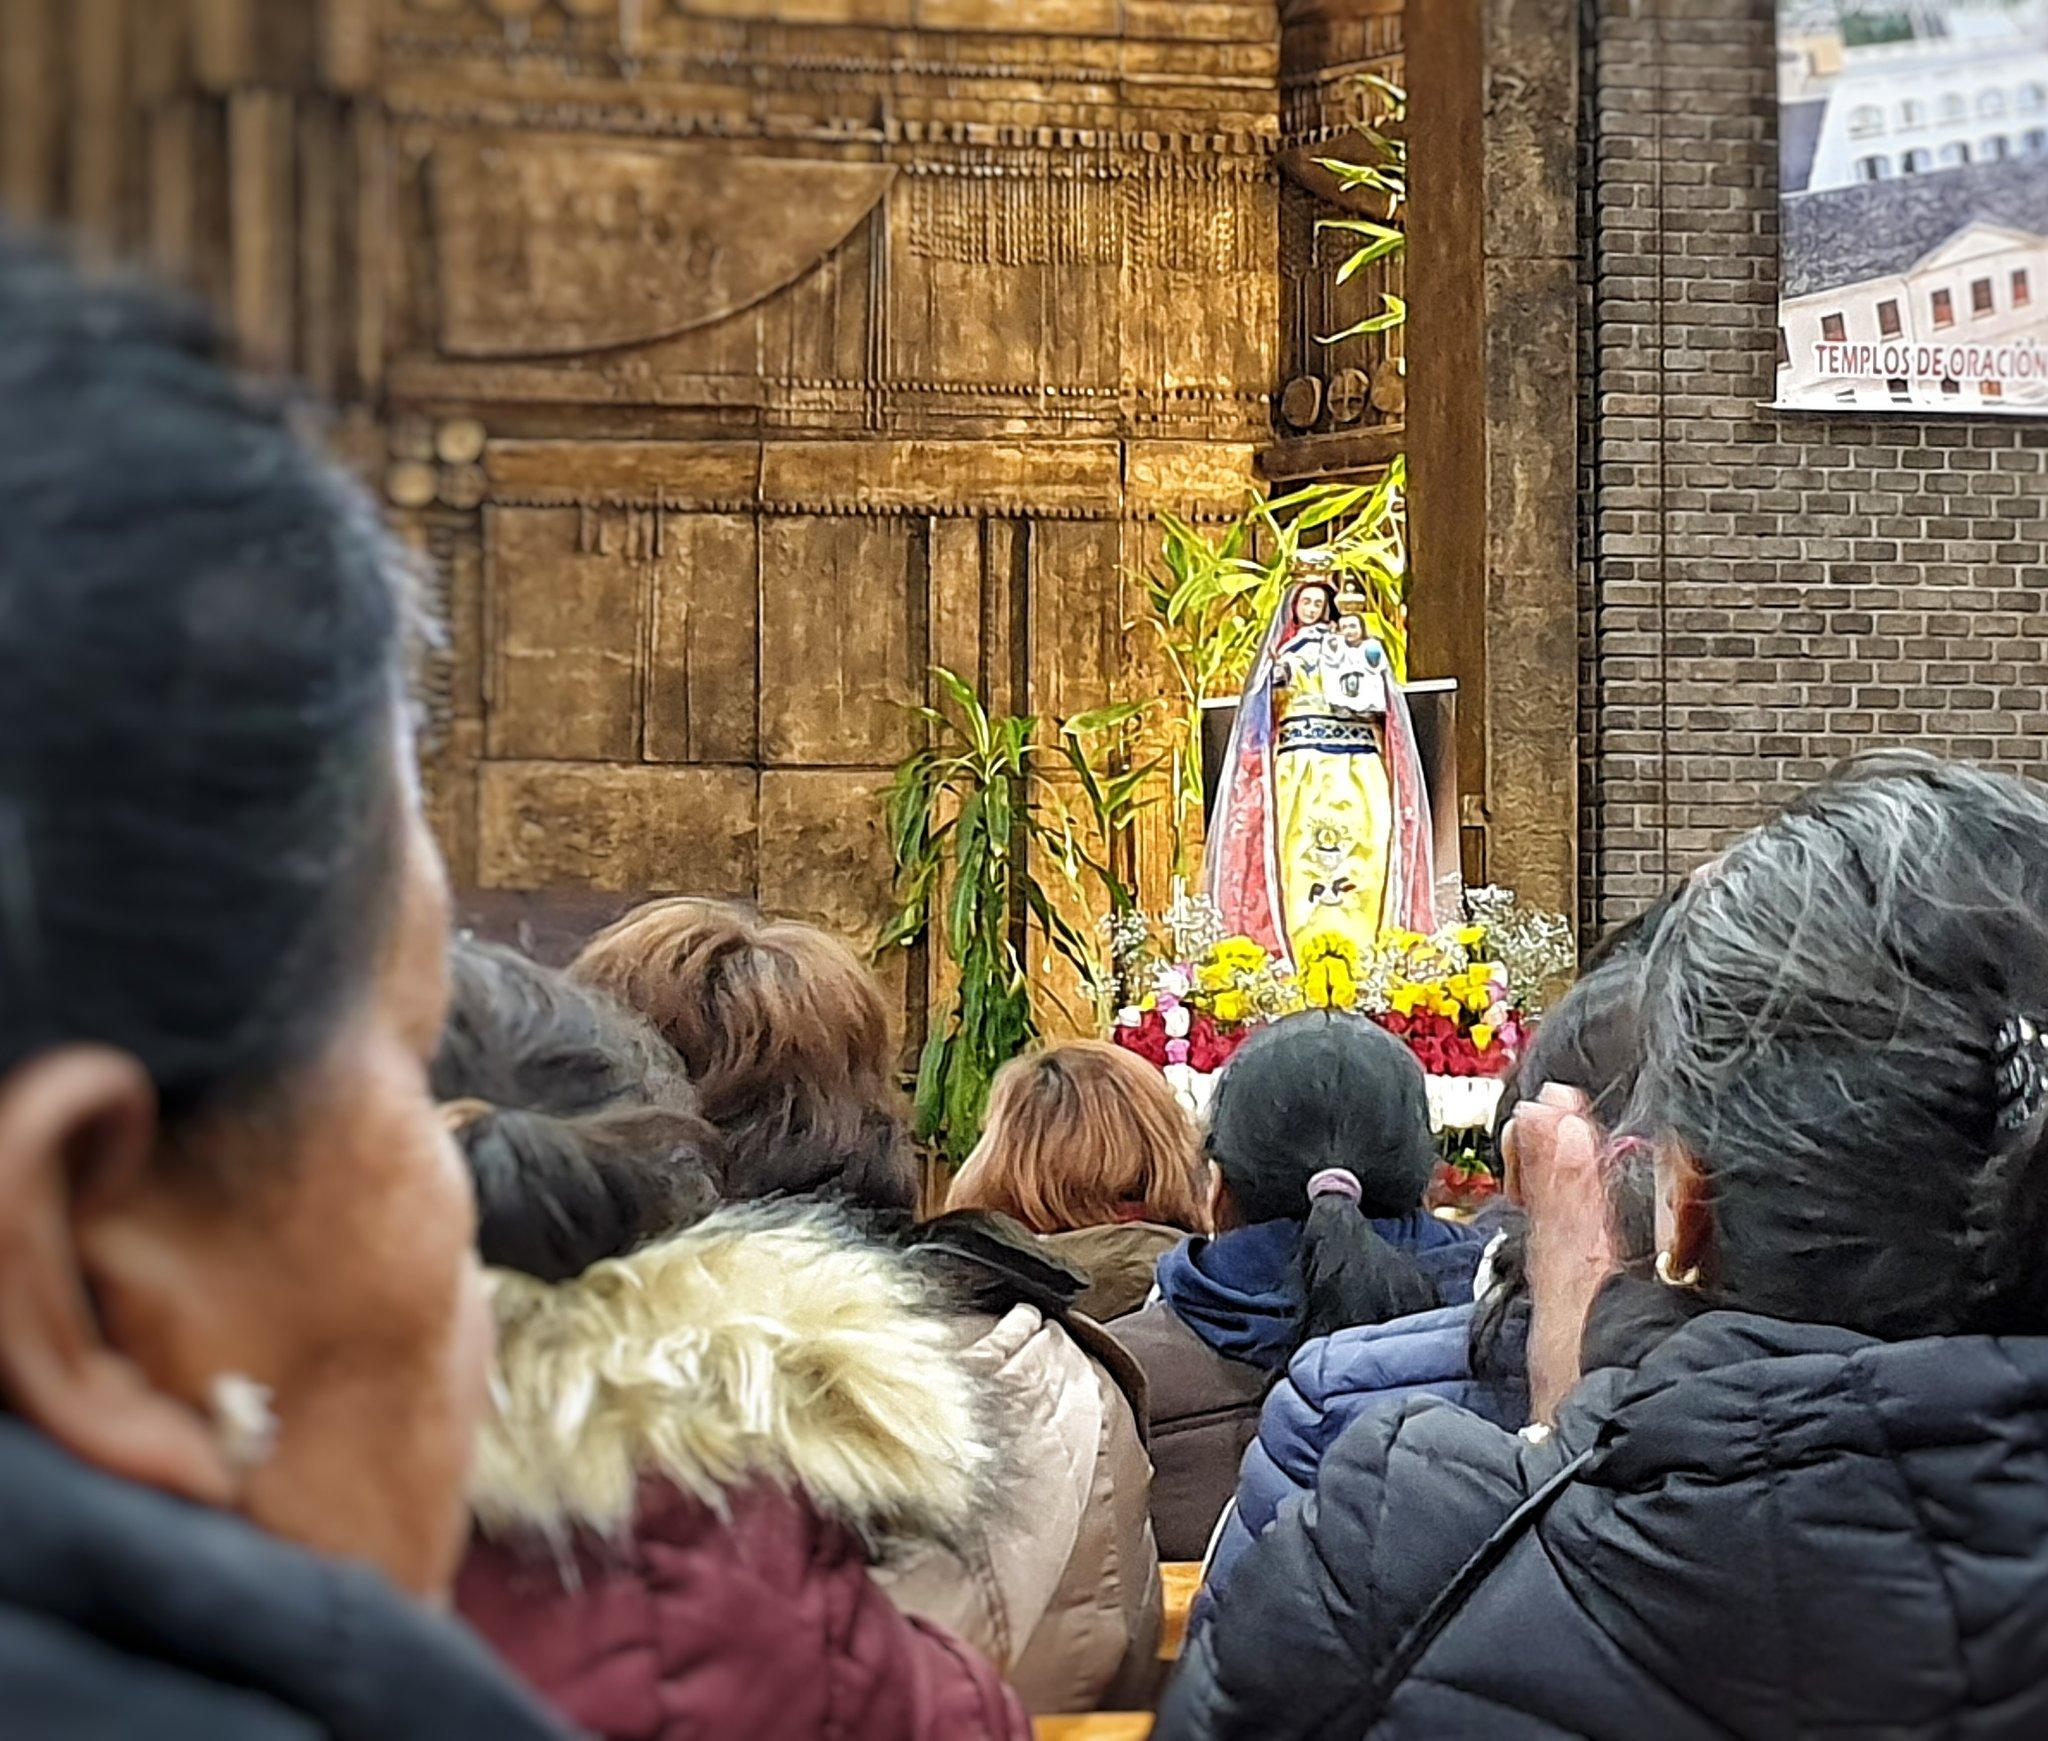 Reducción considerable de peregrinos ecuatorianos a la Virgen del Quinche